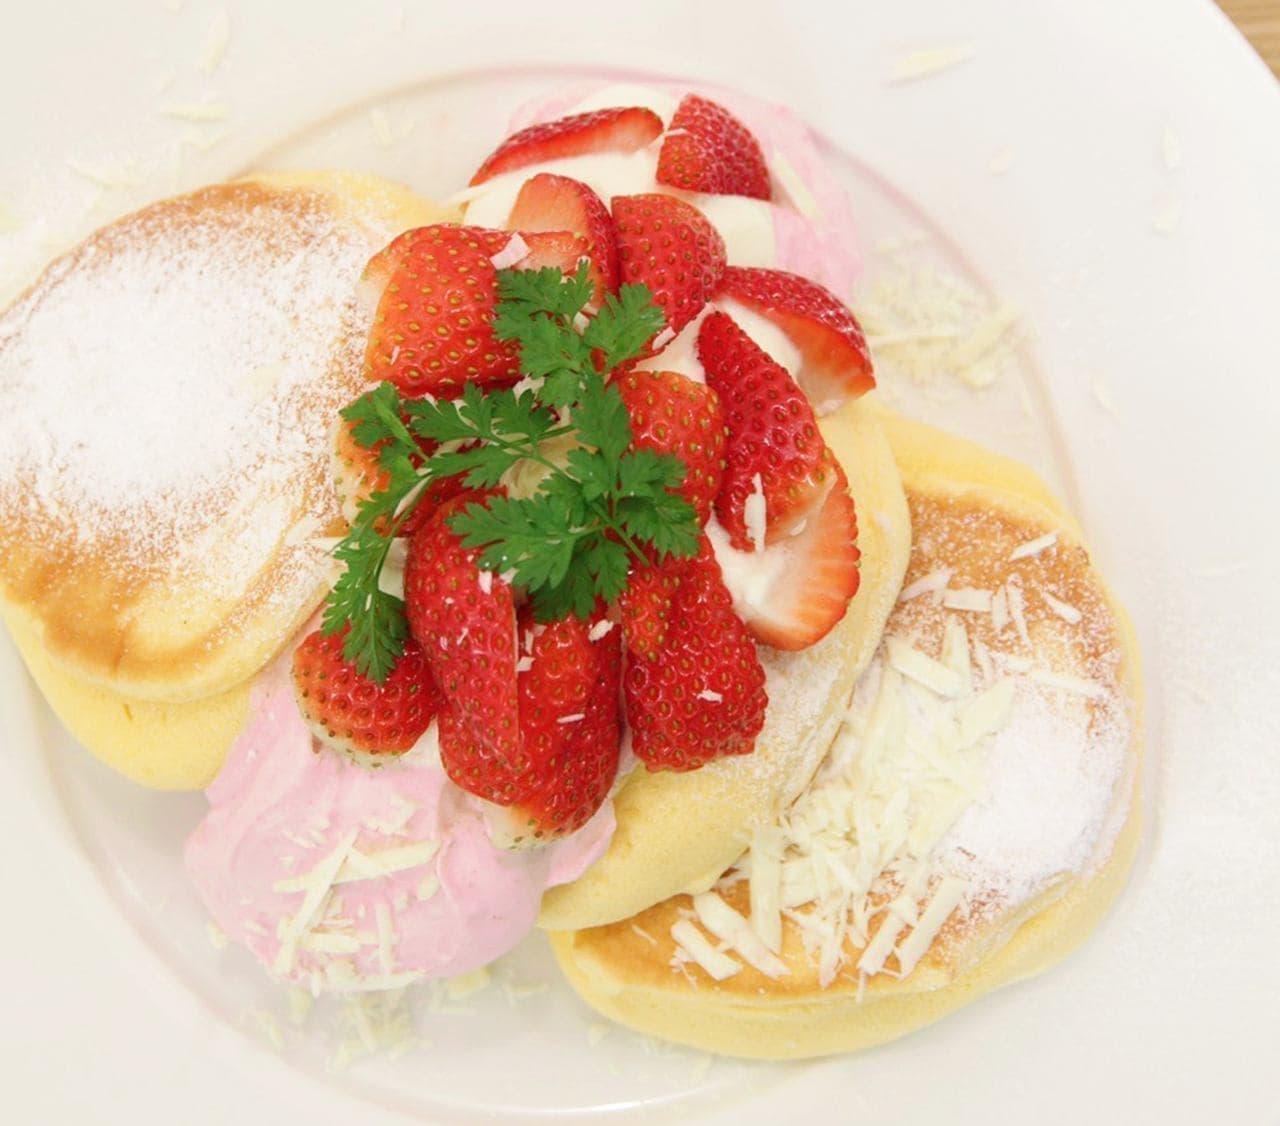 幸せのパンケーキ「国産いちごたっぷりのいちごショートパンケーキ」